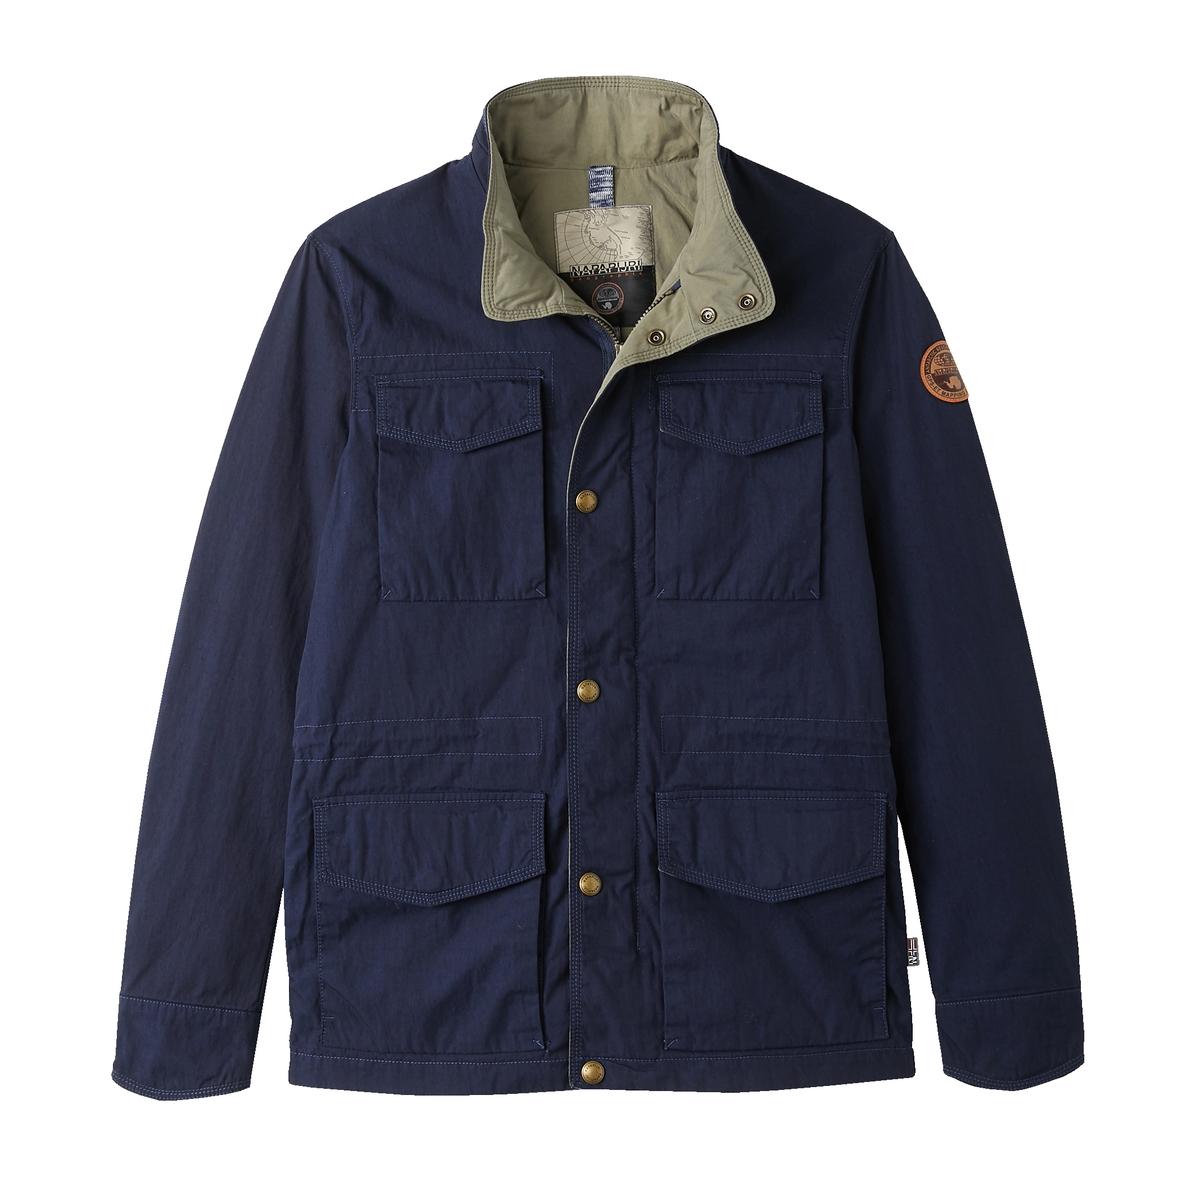 Куртка в стиле милитари на пуговицах AcombОписание:Детали •  Длина : средняя •  Воротник-стойка • Застежка на пуговицыСостав и уход •  75% хлопка, 25% полиамида   •  Следуйте советам по уходу, указанным на этикетке<br><br>Цвет: синий морской<br>Размер: L